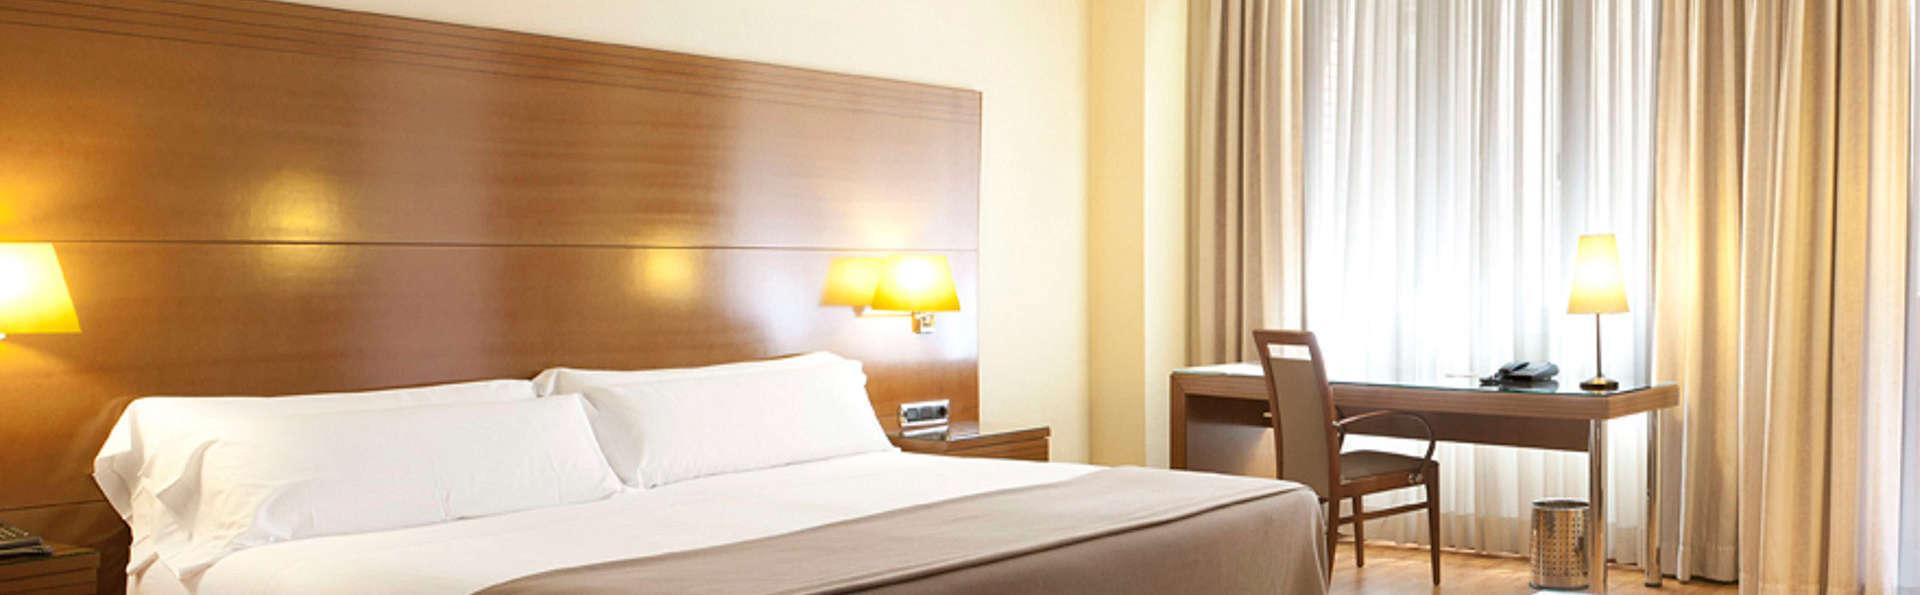 Découvrez les quartiers de Gràcia et Sant Gervasi dans une chambre double exclusive